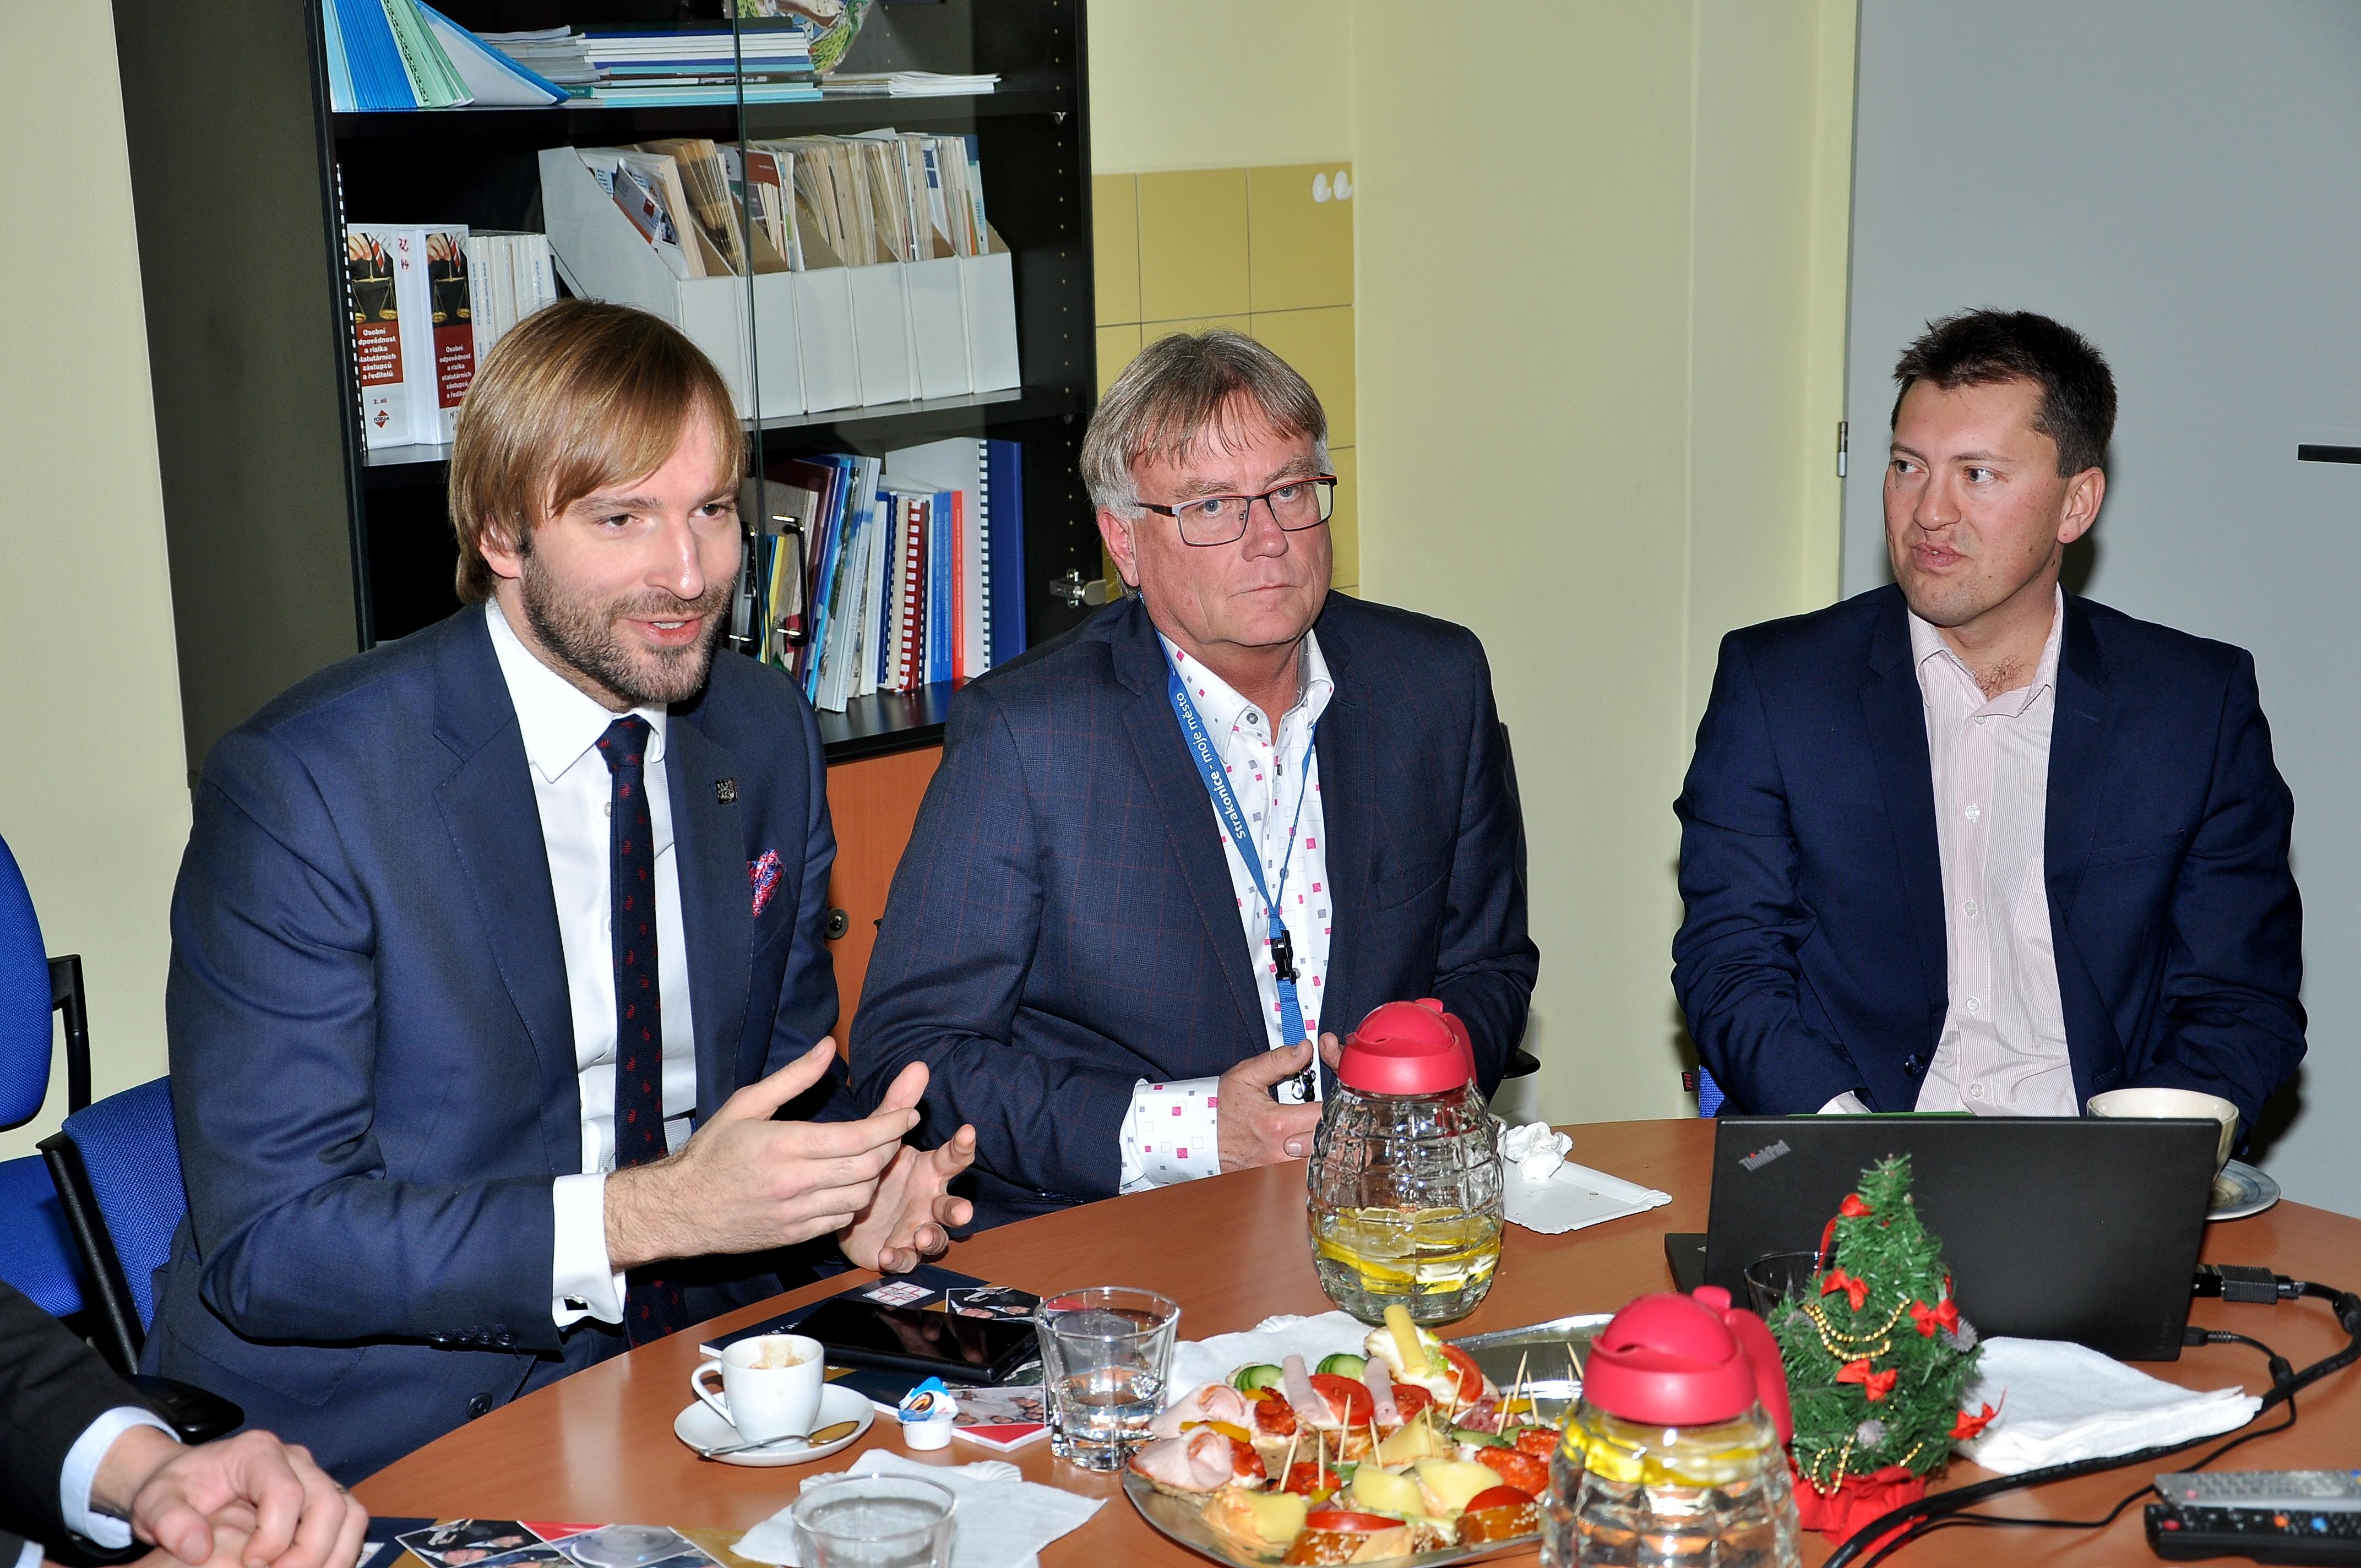 Ministr zdravotnictví A. Vojtěch navštívil nemocnici